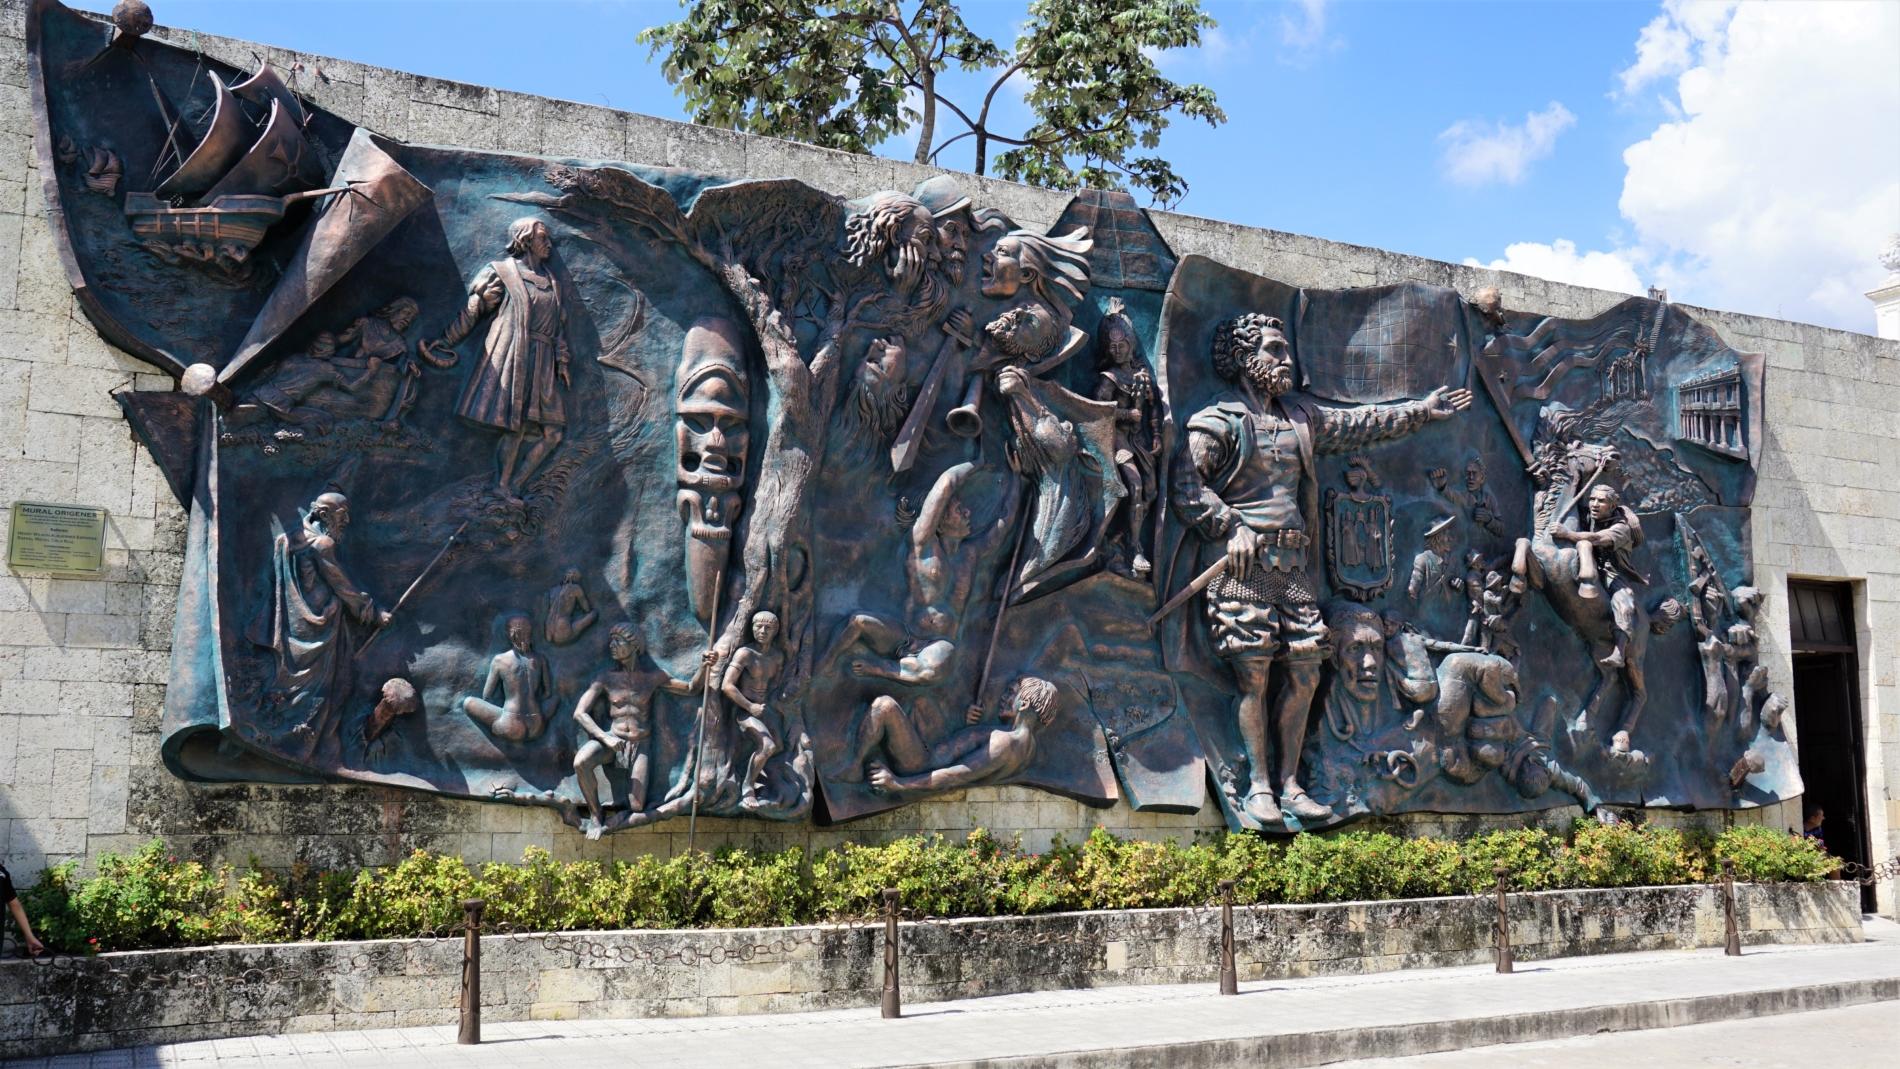 W centrum Holguin znajduje się płaskorzeźba przedstawiająca dzieje Kuby od przybycia Hiszpanów po zwycięstwo rewolucji